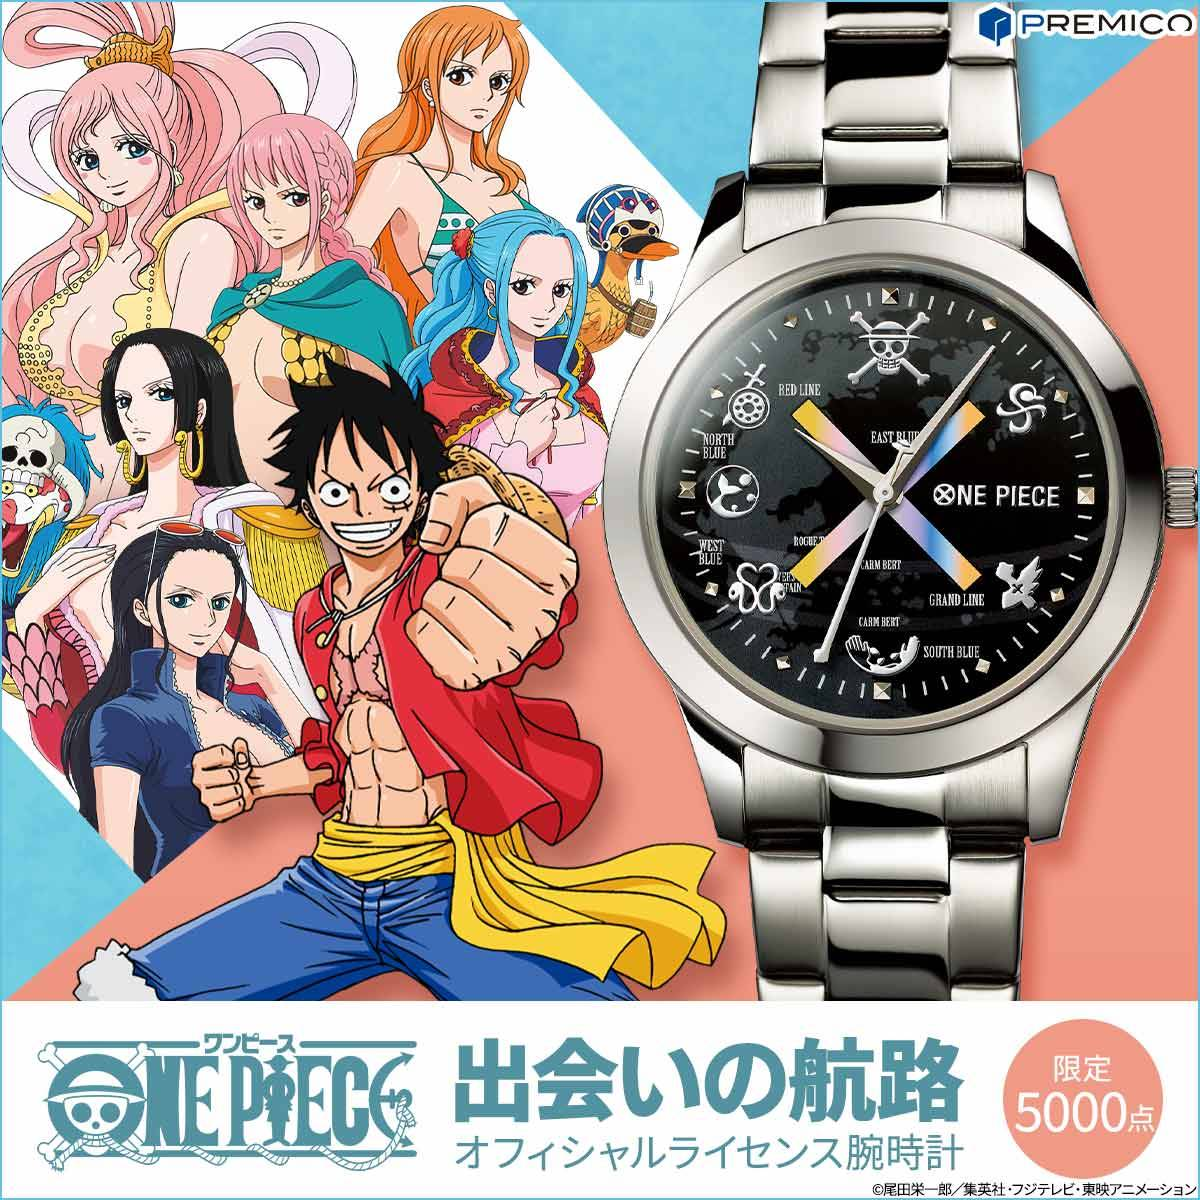 『ONE PIECE』新作腕時計! ルフィと6人の女性キャラの出会いの軌跡をたどるデザイン♪